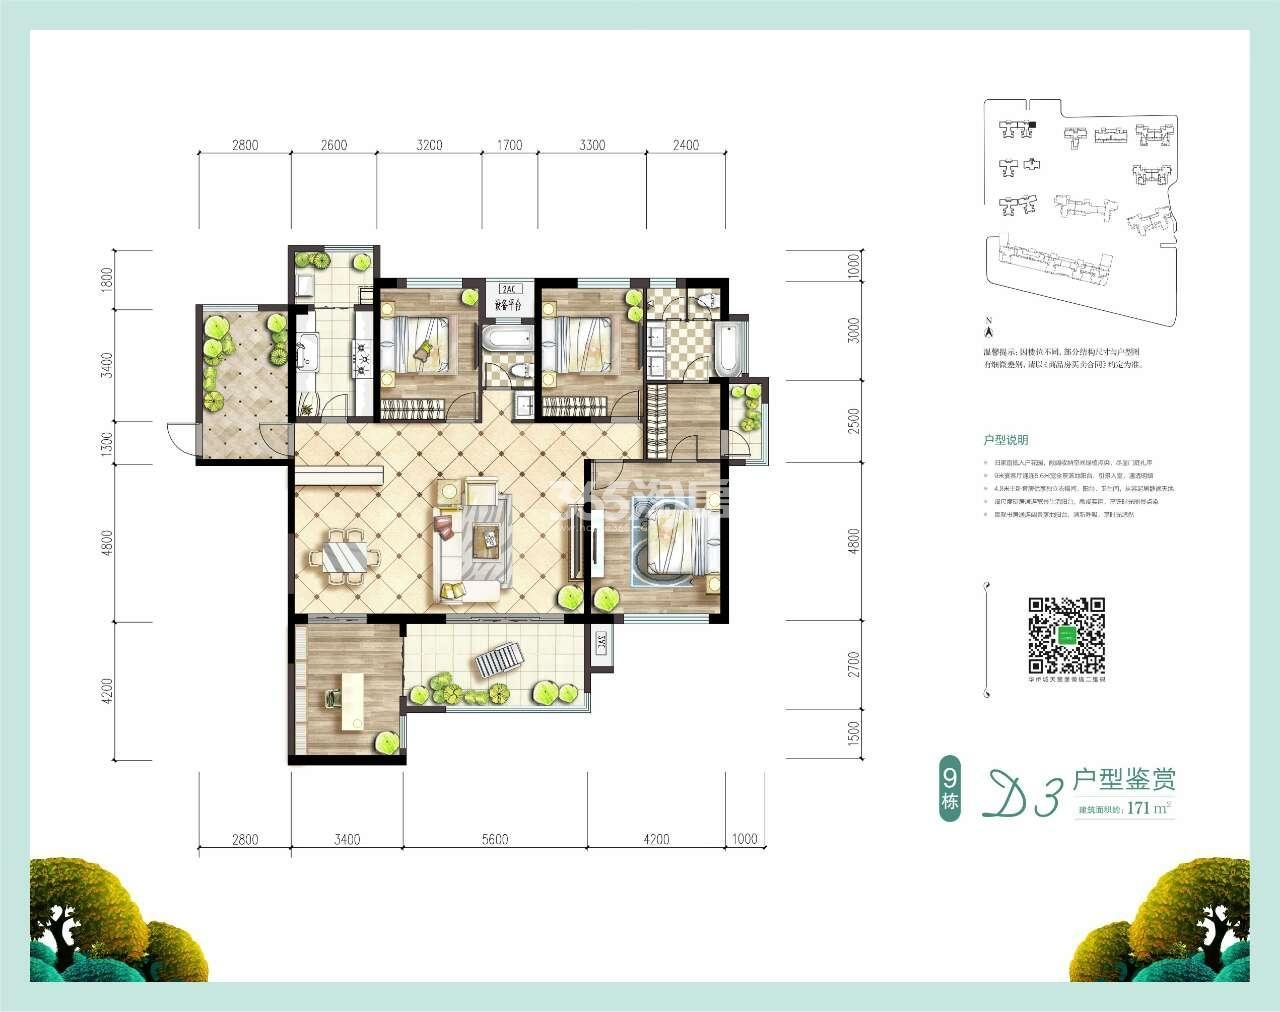 华侨城天鹅堡9#楼D3户型图四室两厅两卫一厨171㎡